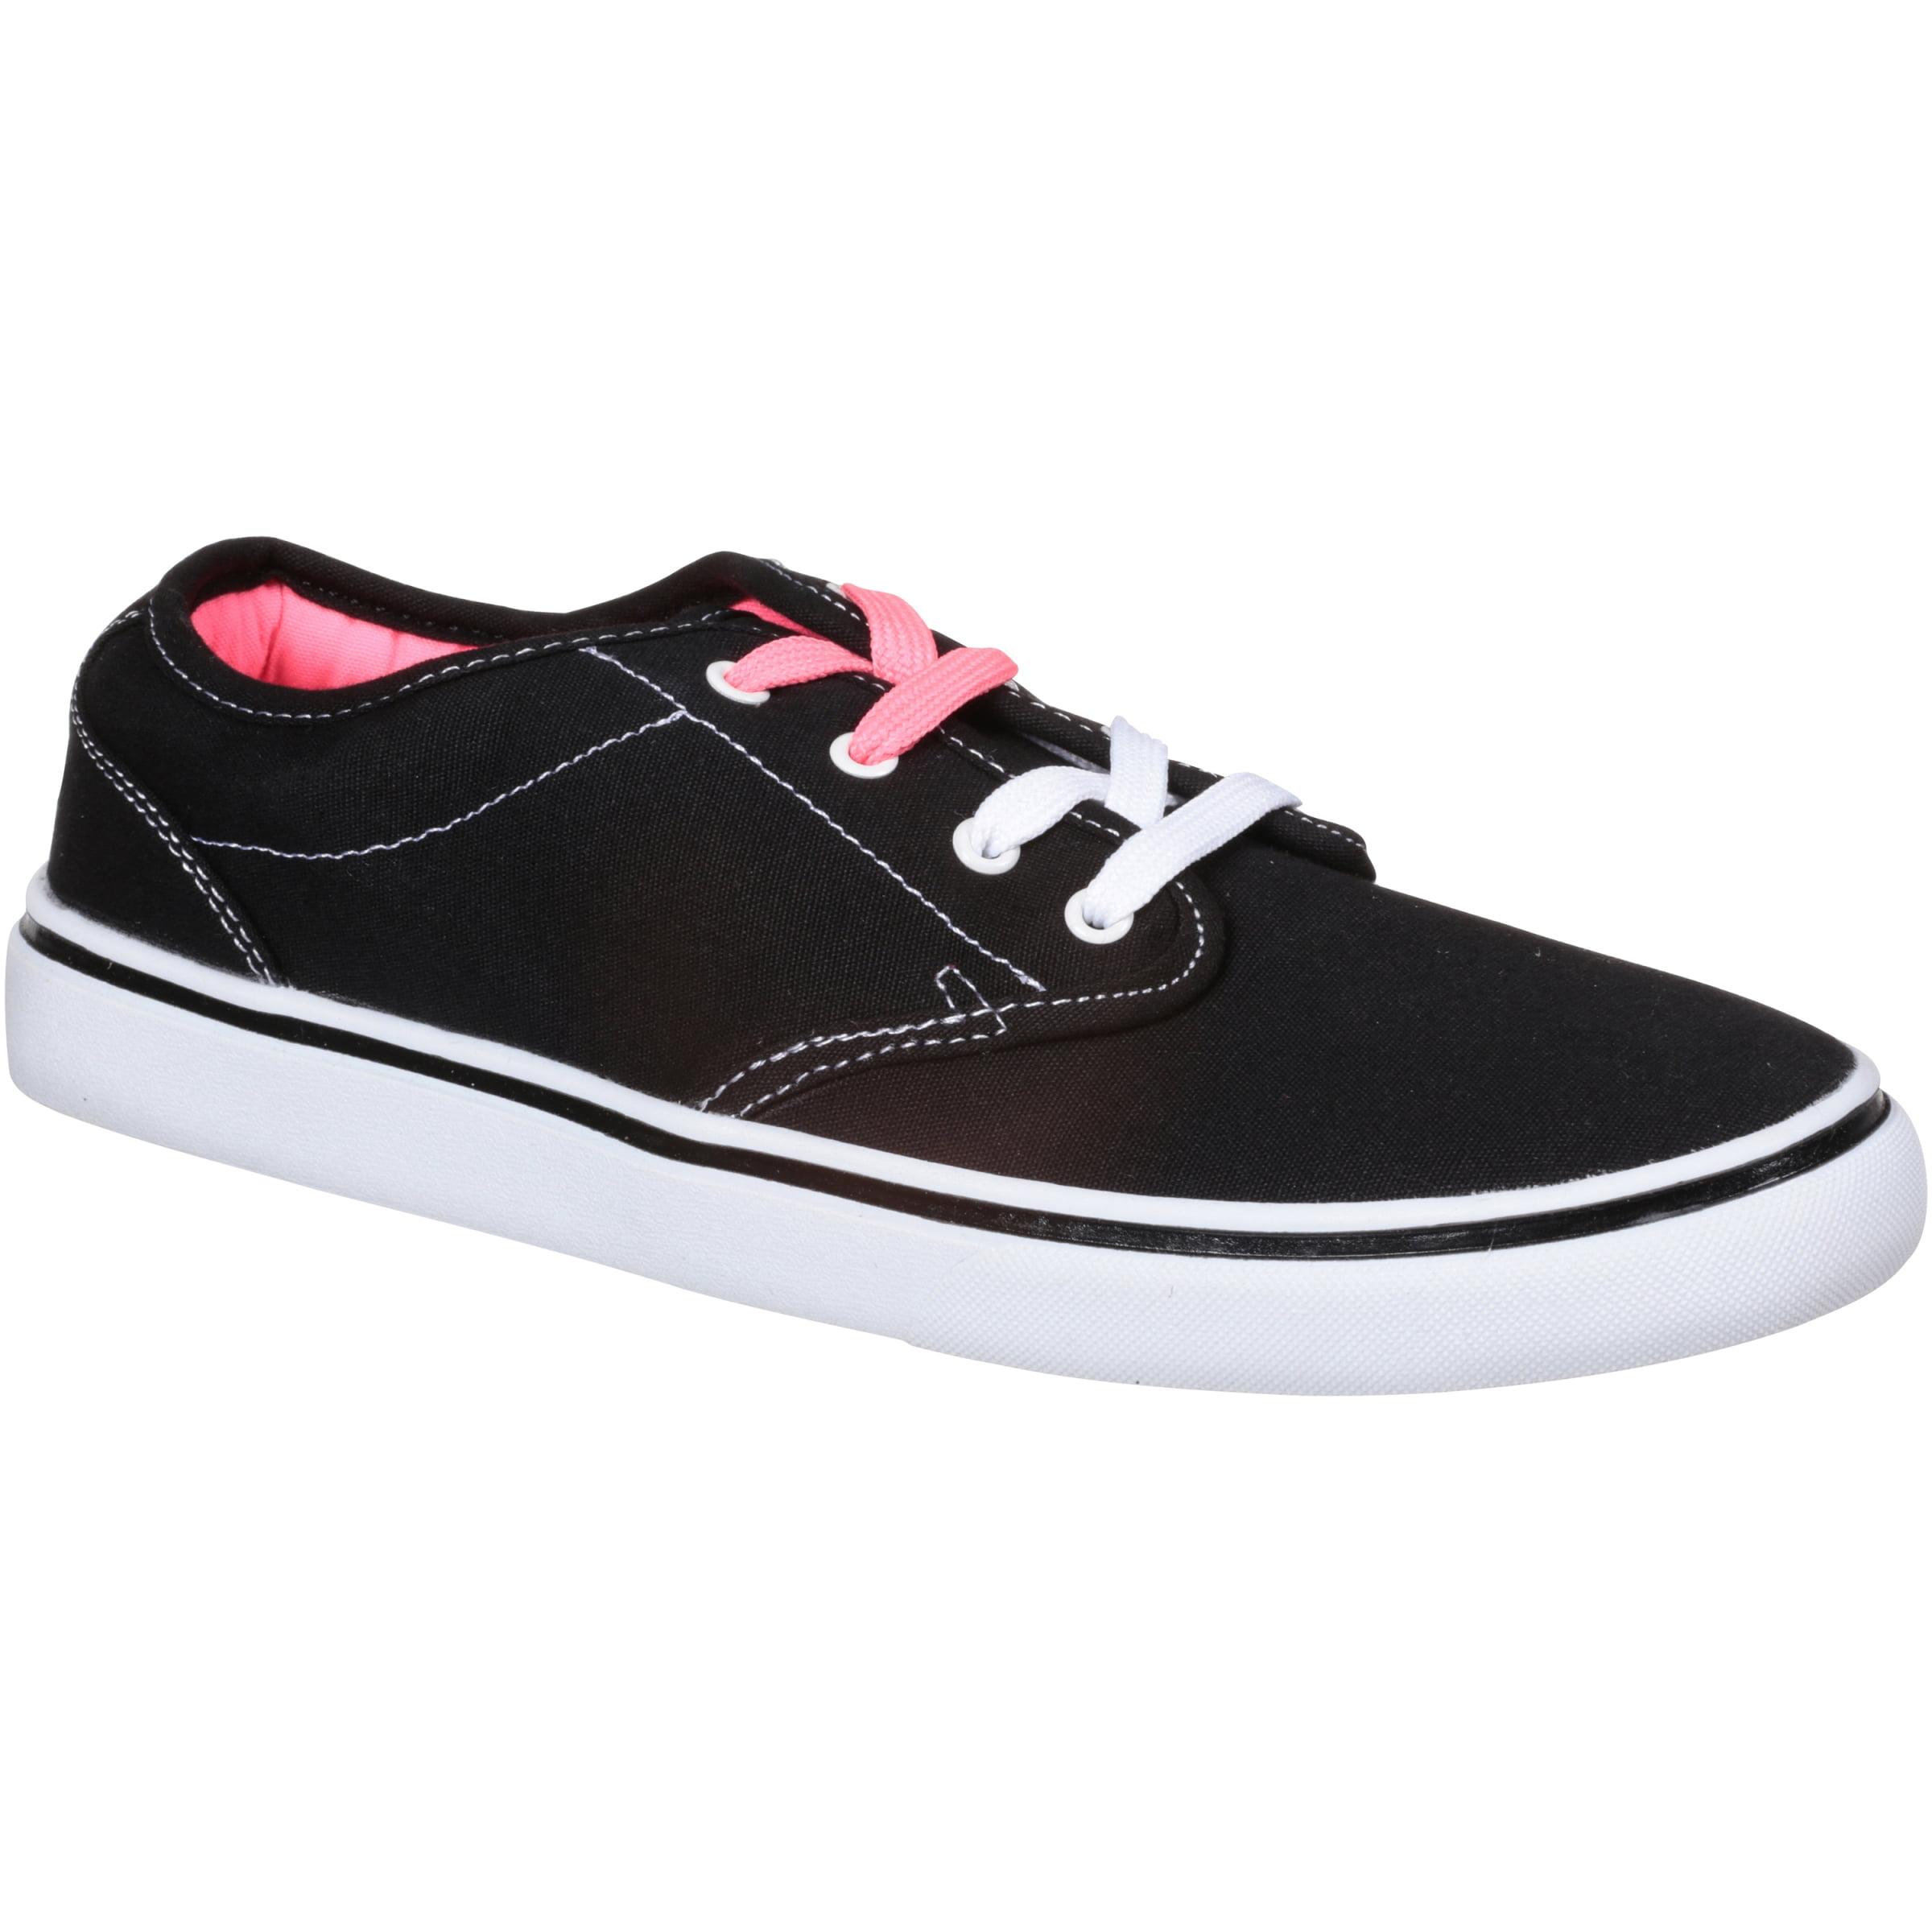 Women's Size 10 Black Sneakers